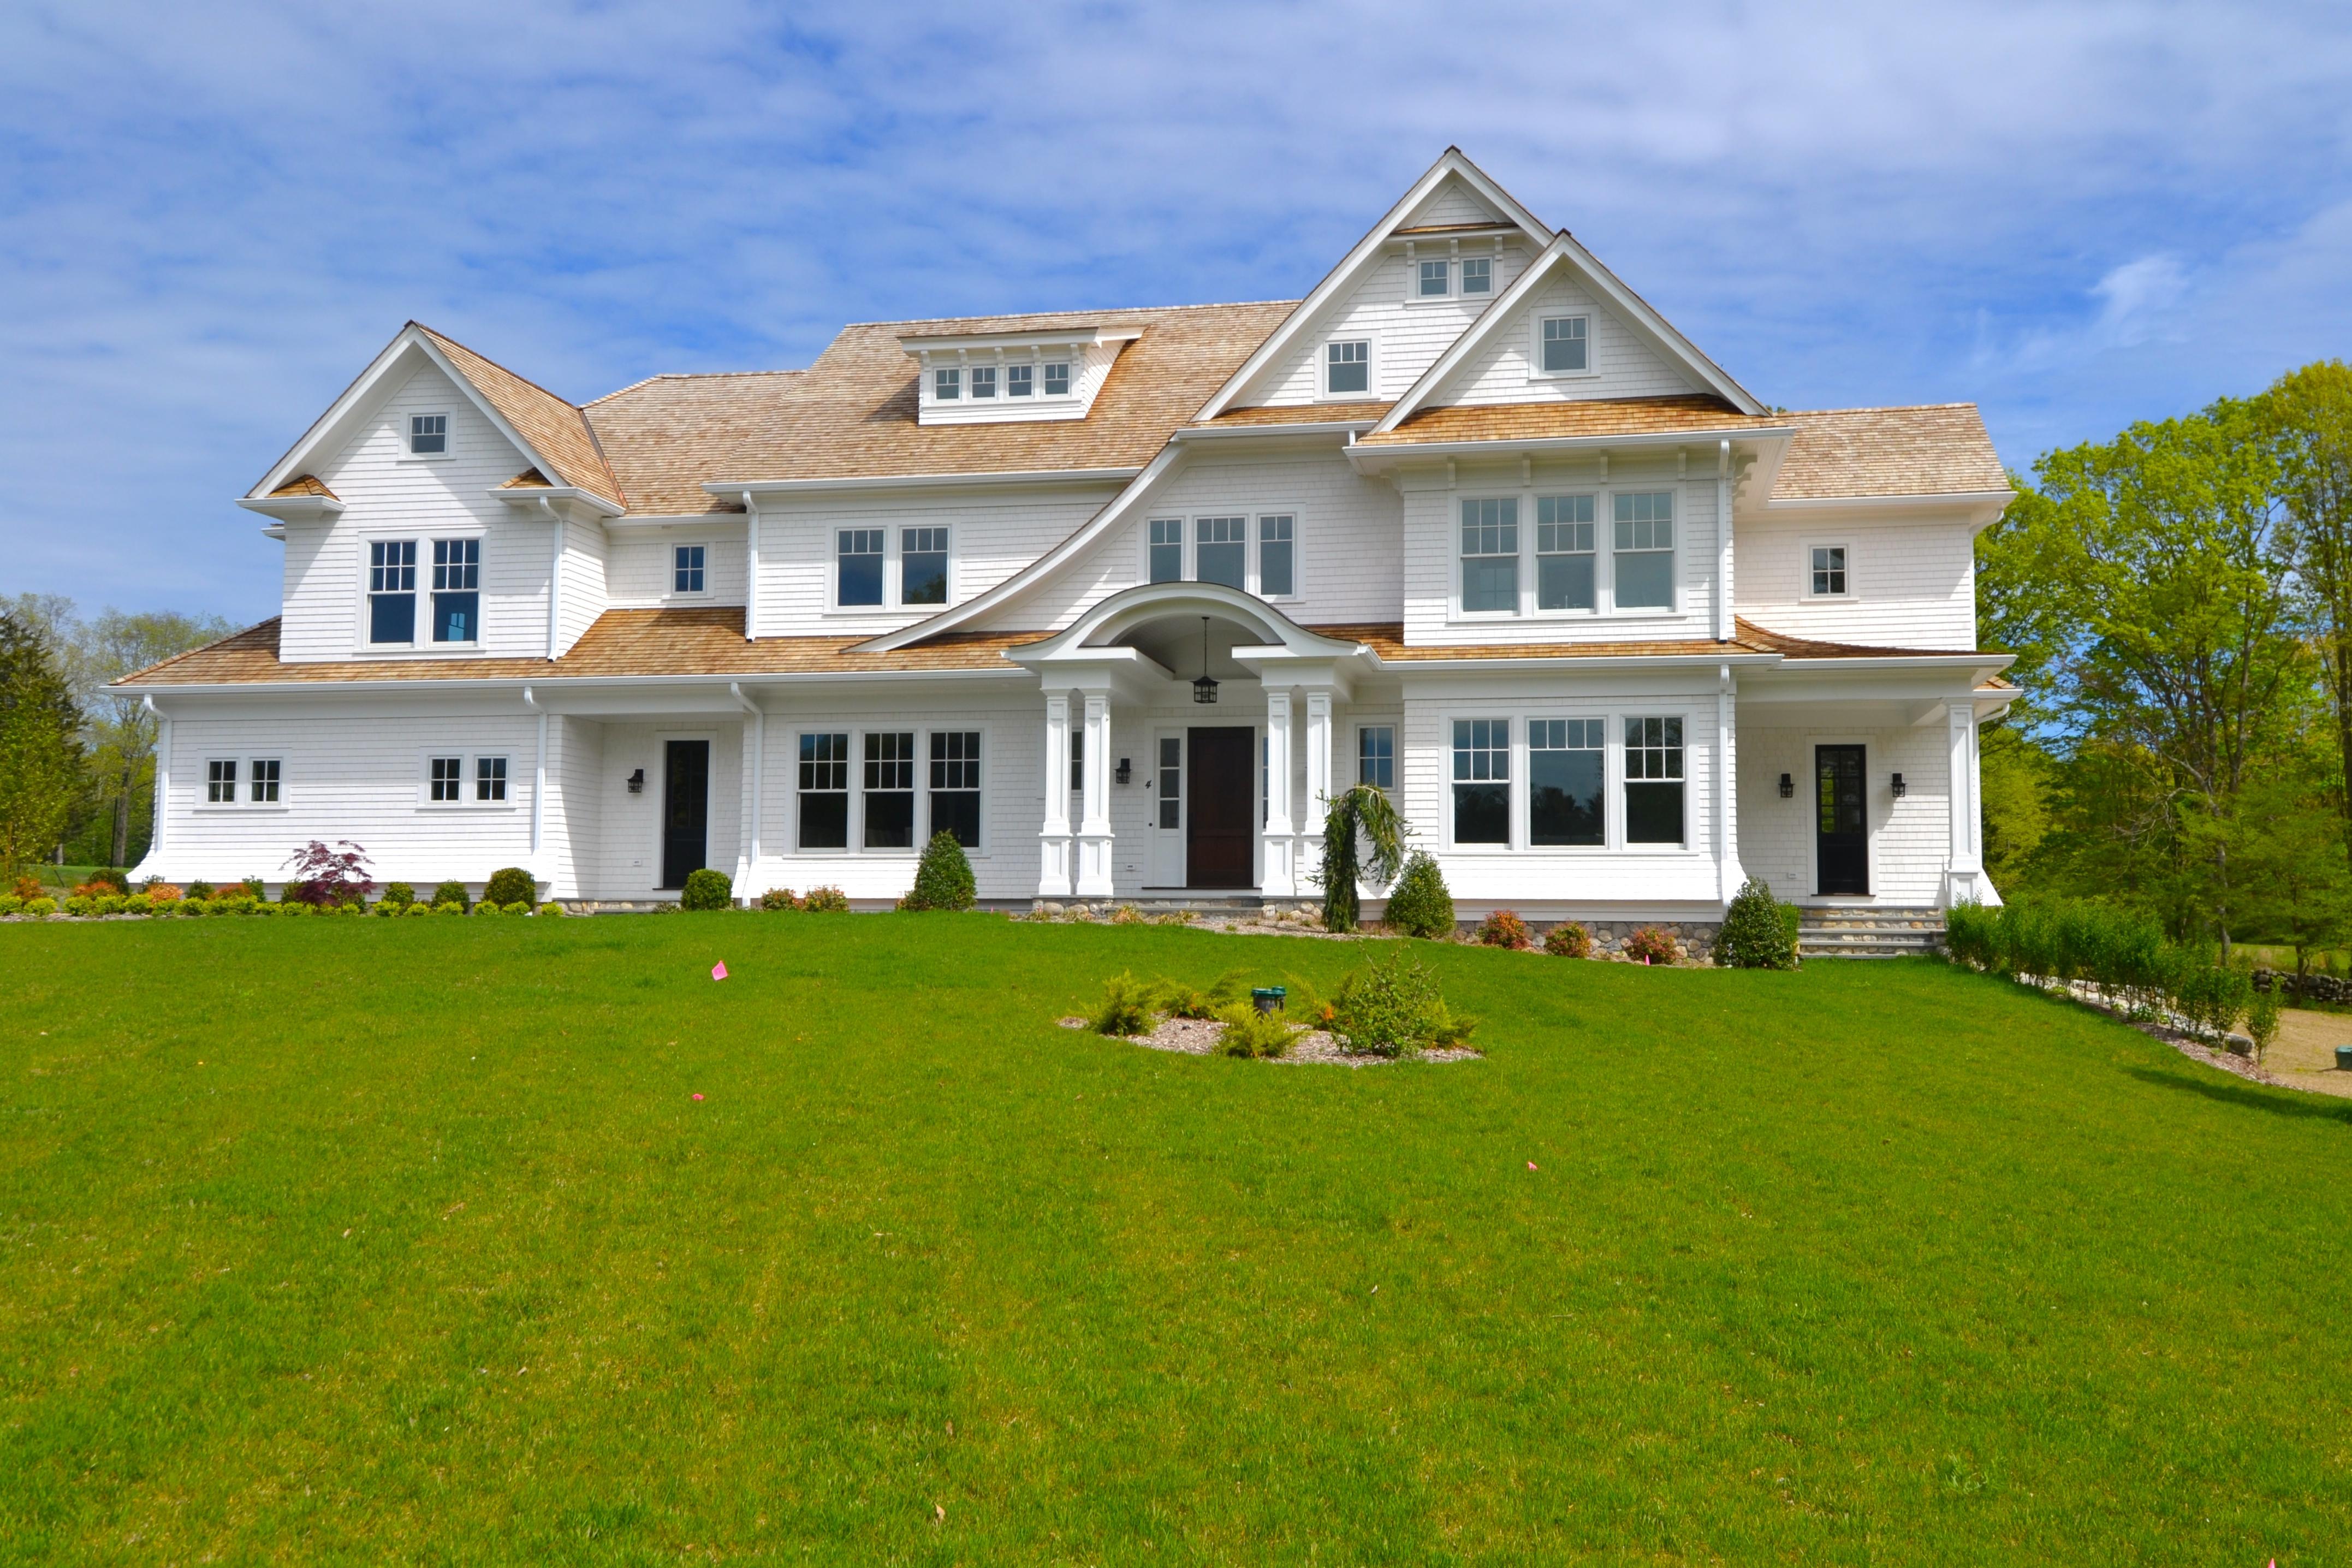 独户住宅 为 销售 在 New Construction 4 Middlebrook Lane 威尔顿, 康涅狄格州, 06897 美国